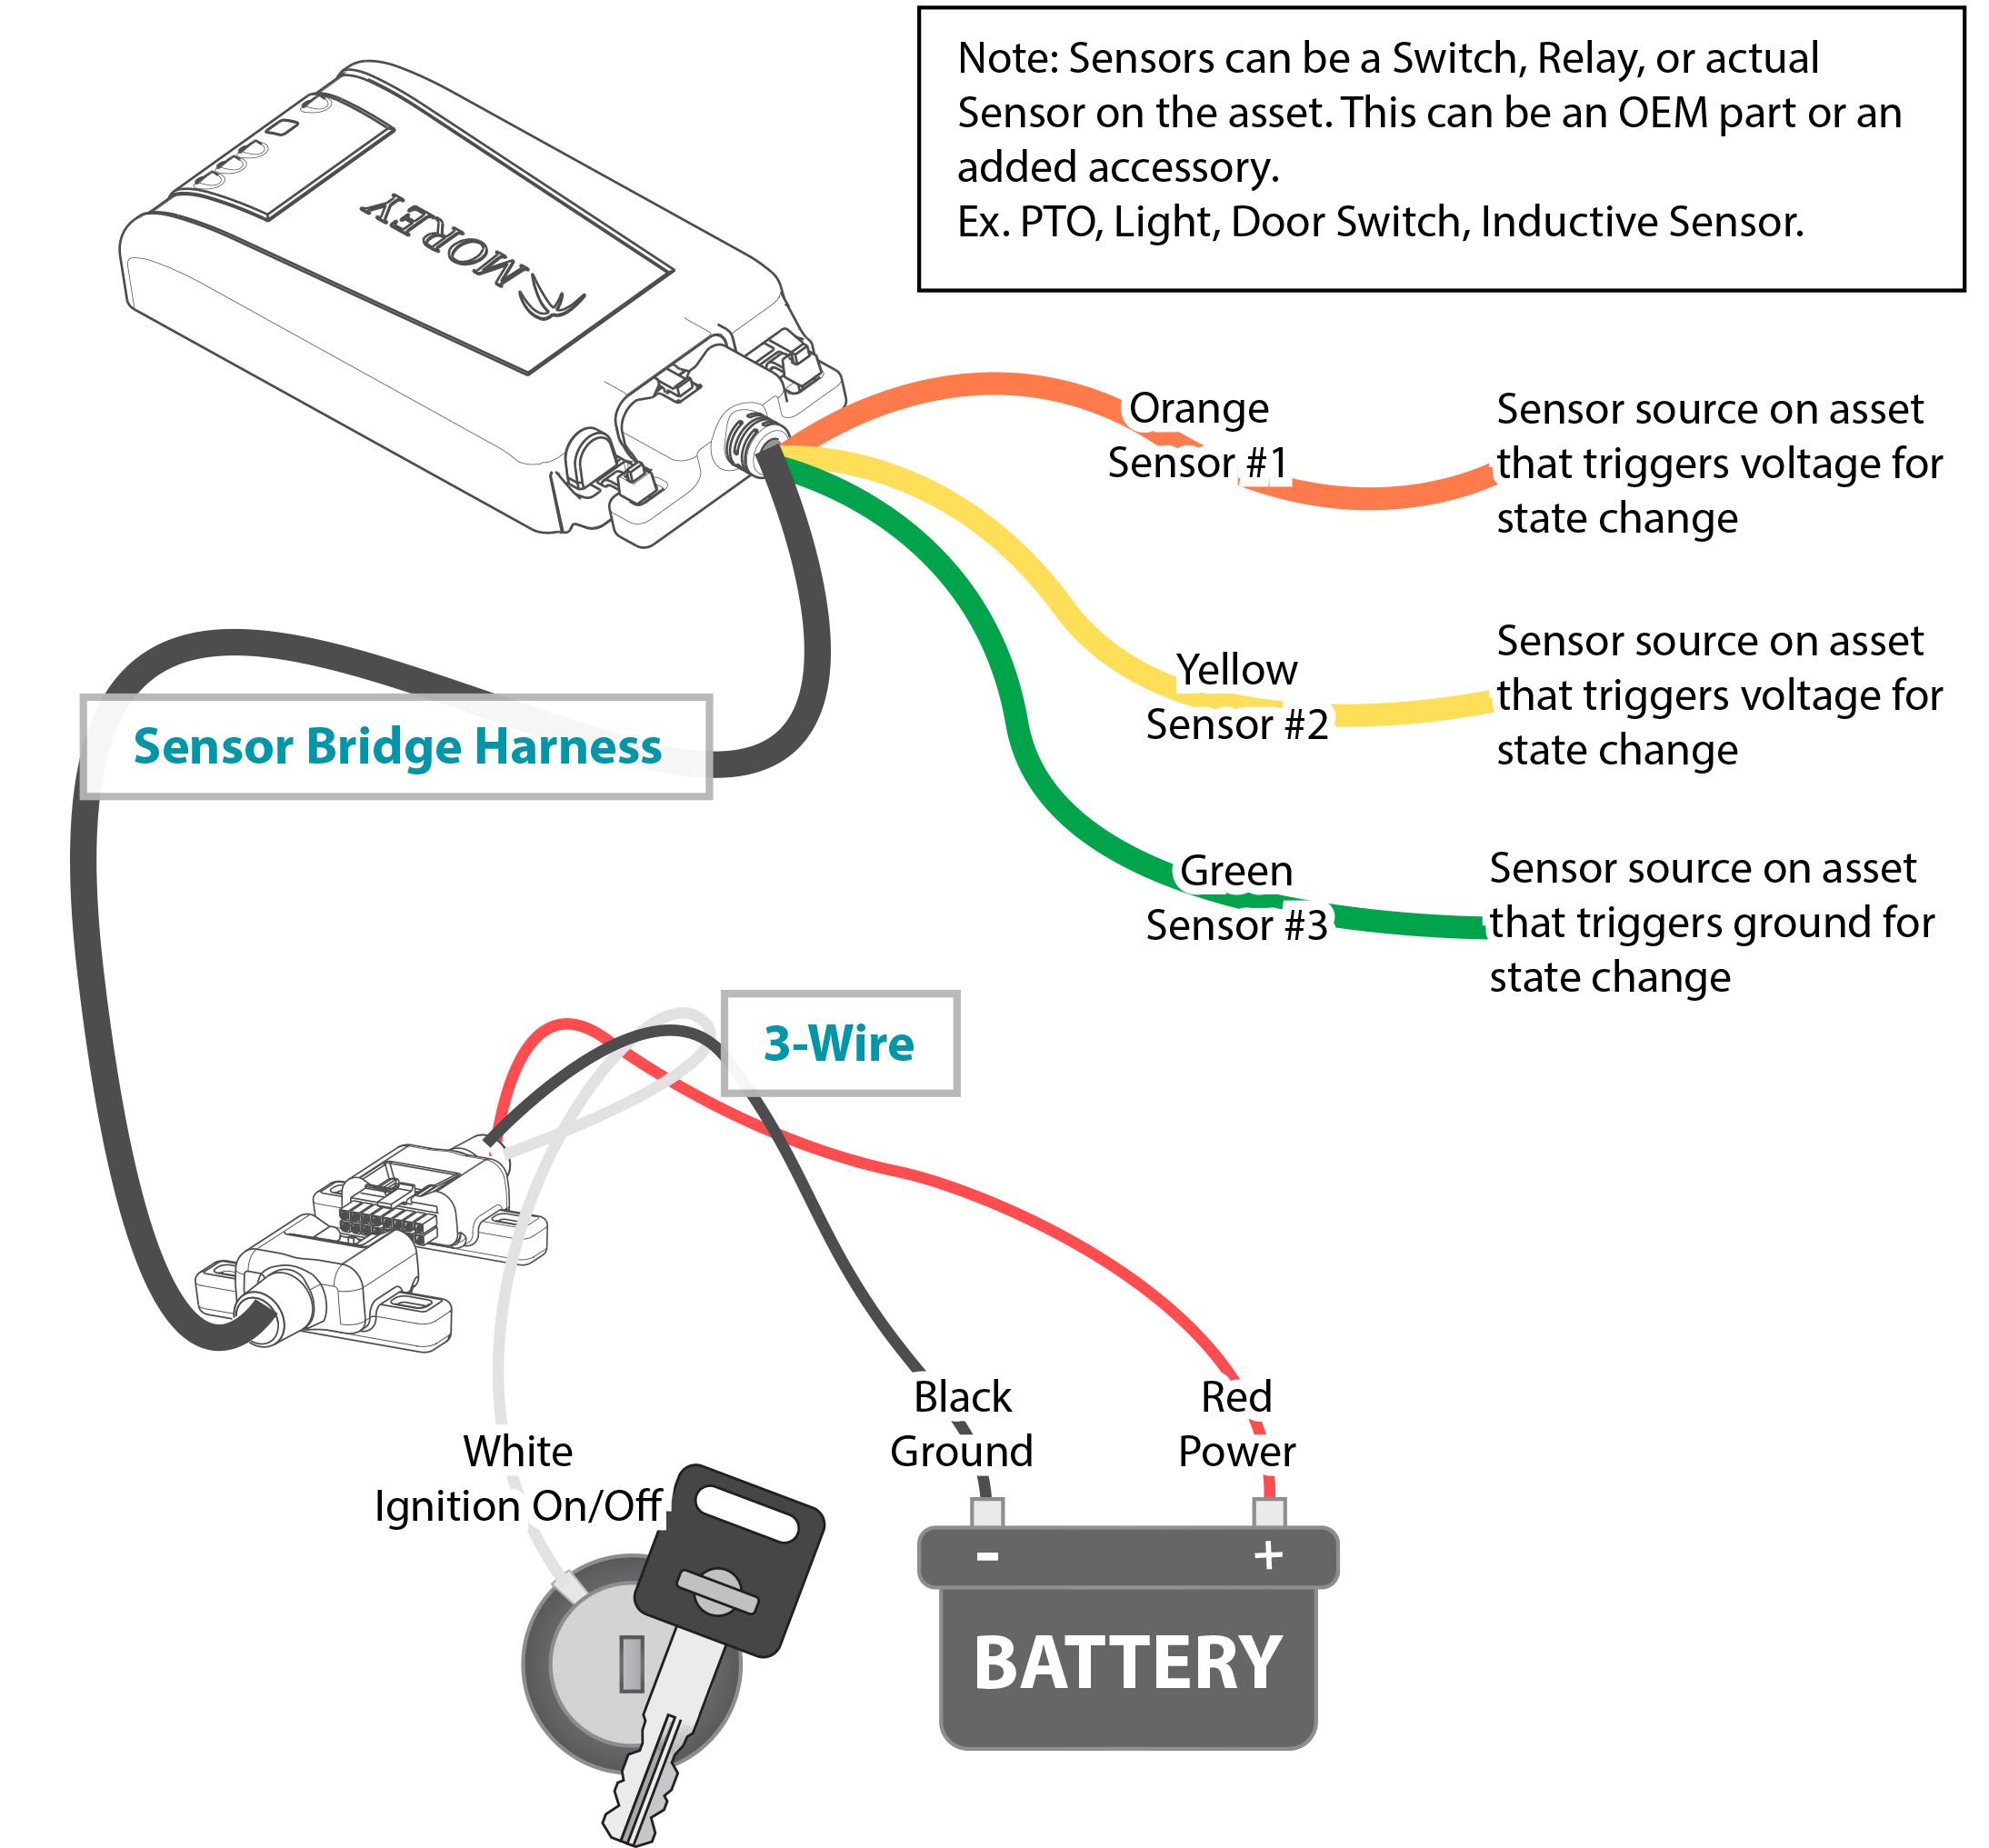 MC Sensor Bridge Harness and 3-Wire Configuration